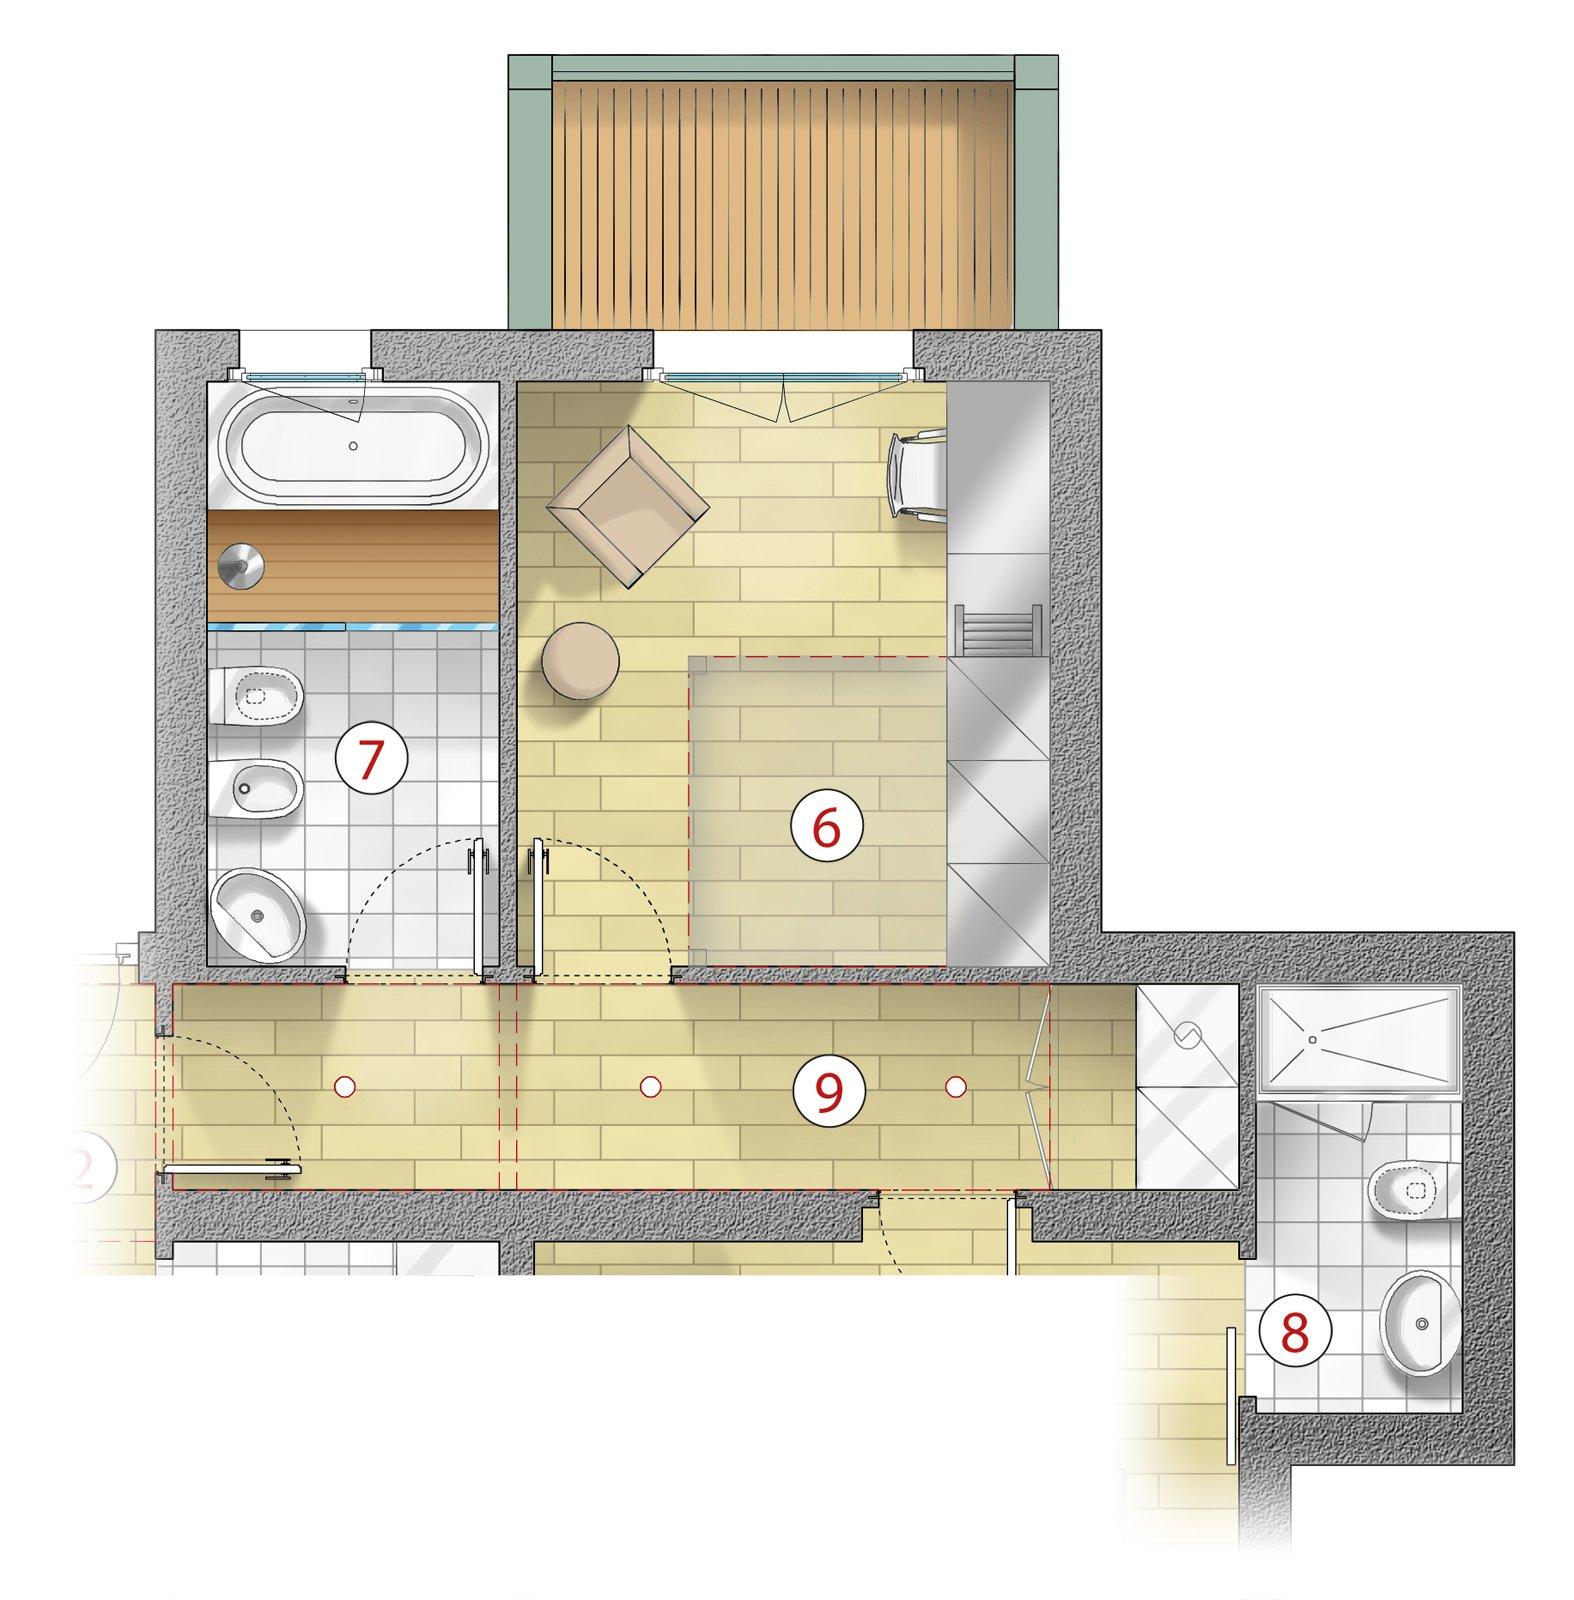 Tante idee per migliorare casa focus sulla zona notte cose di casa - Piante camera da letto ...